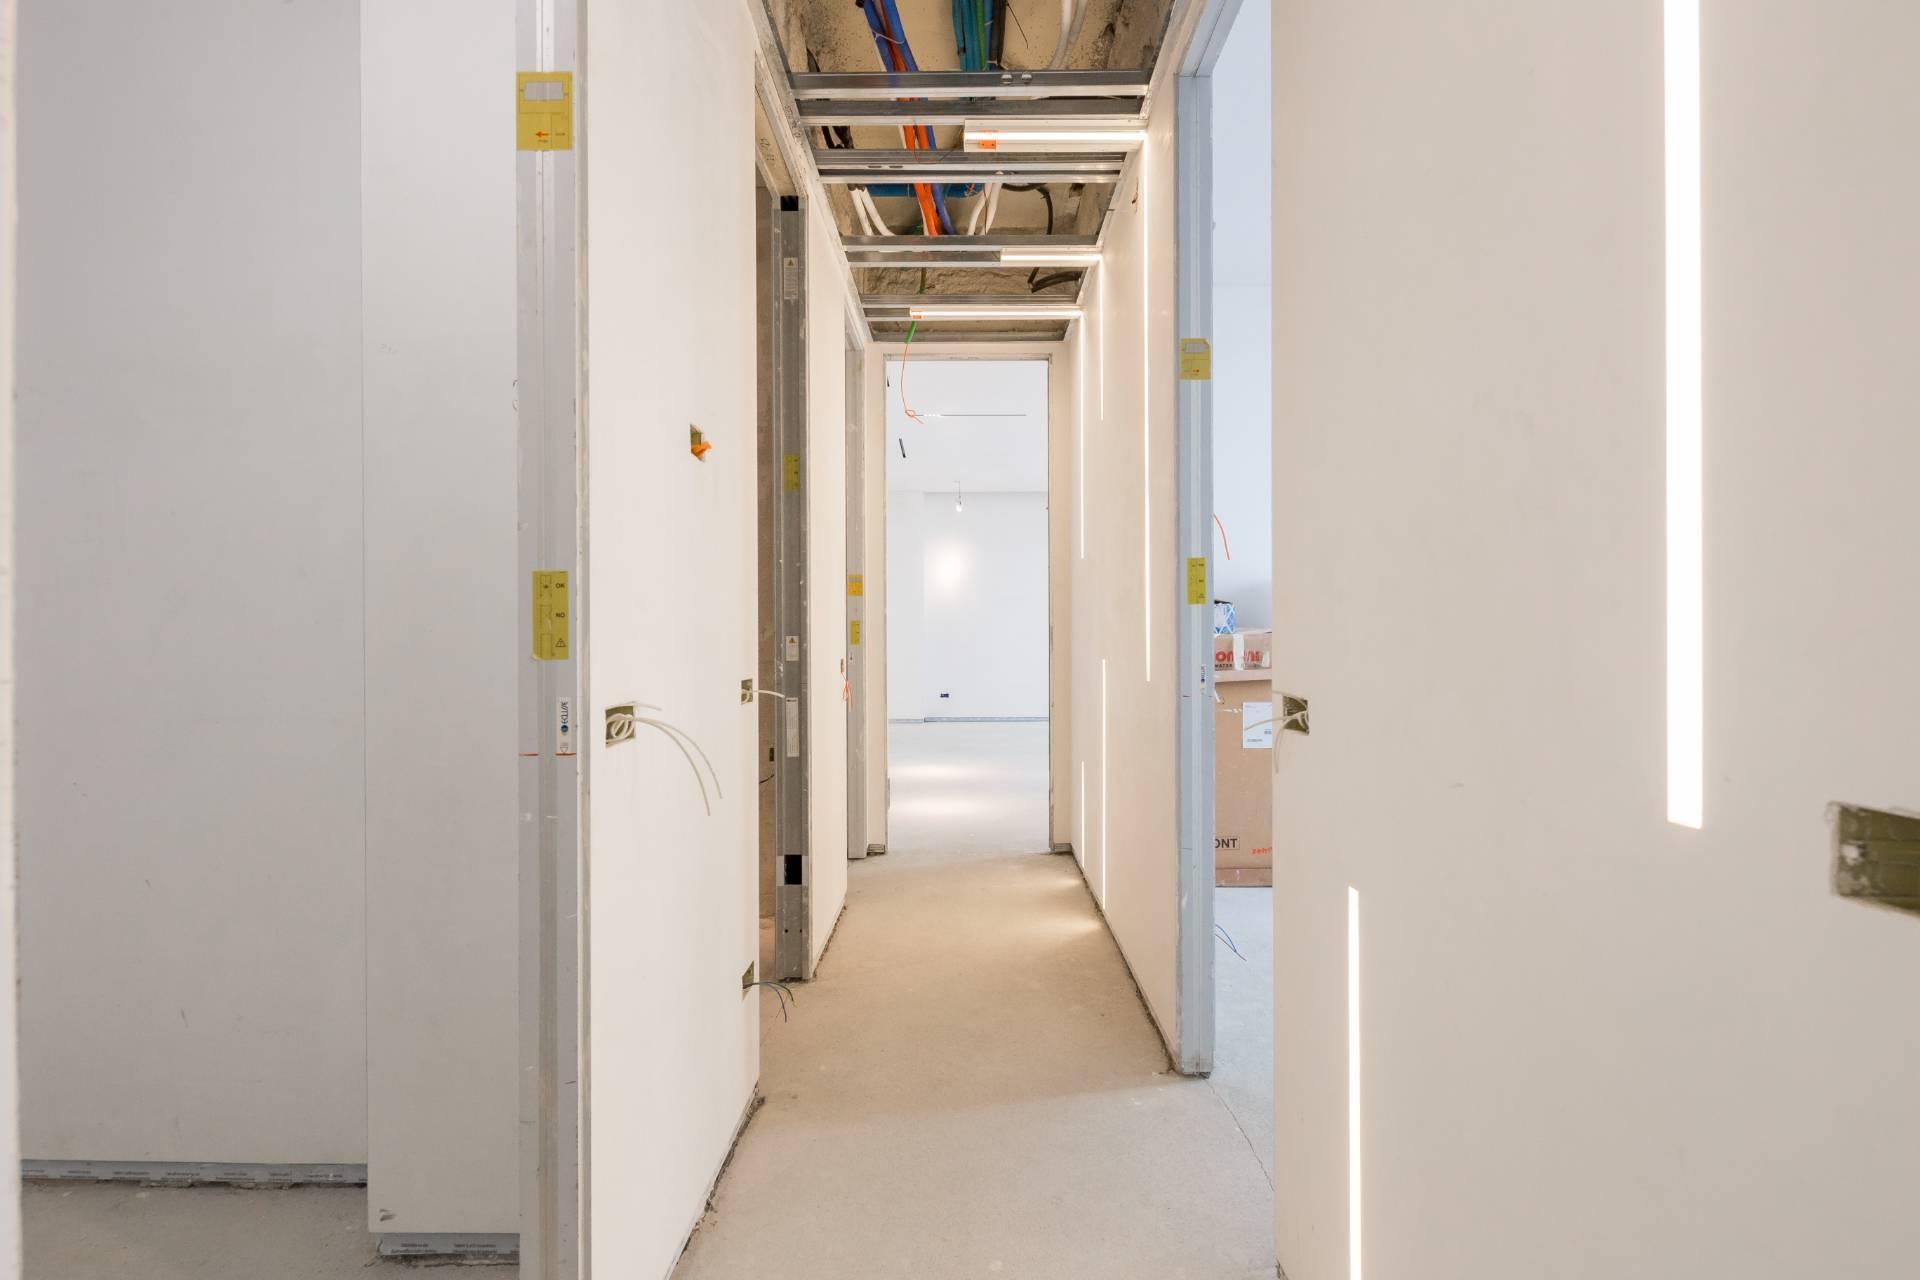 Appartamento signorile in Via Mascagni - 15